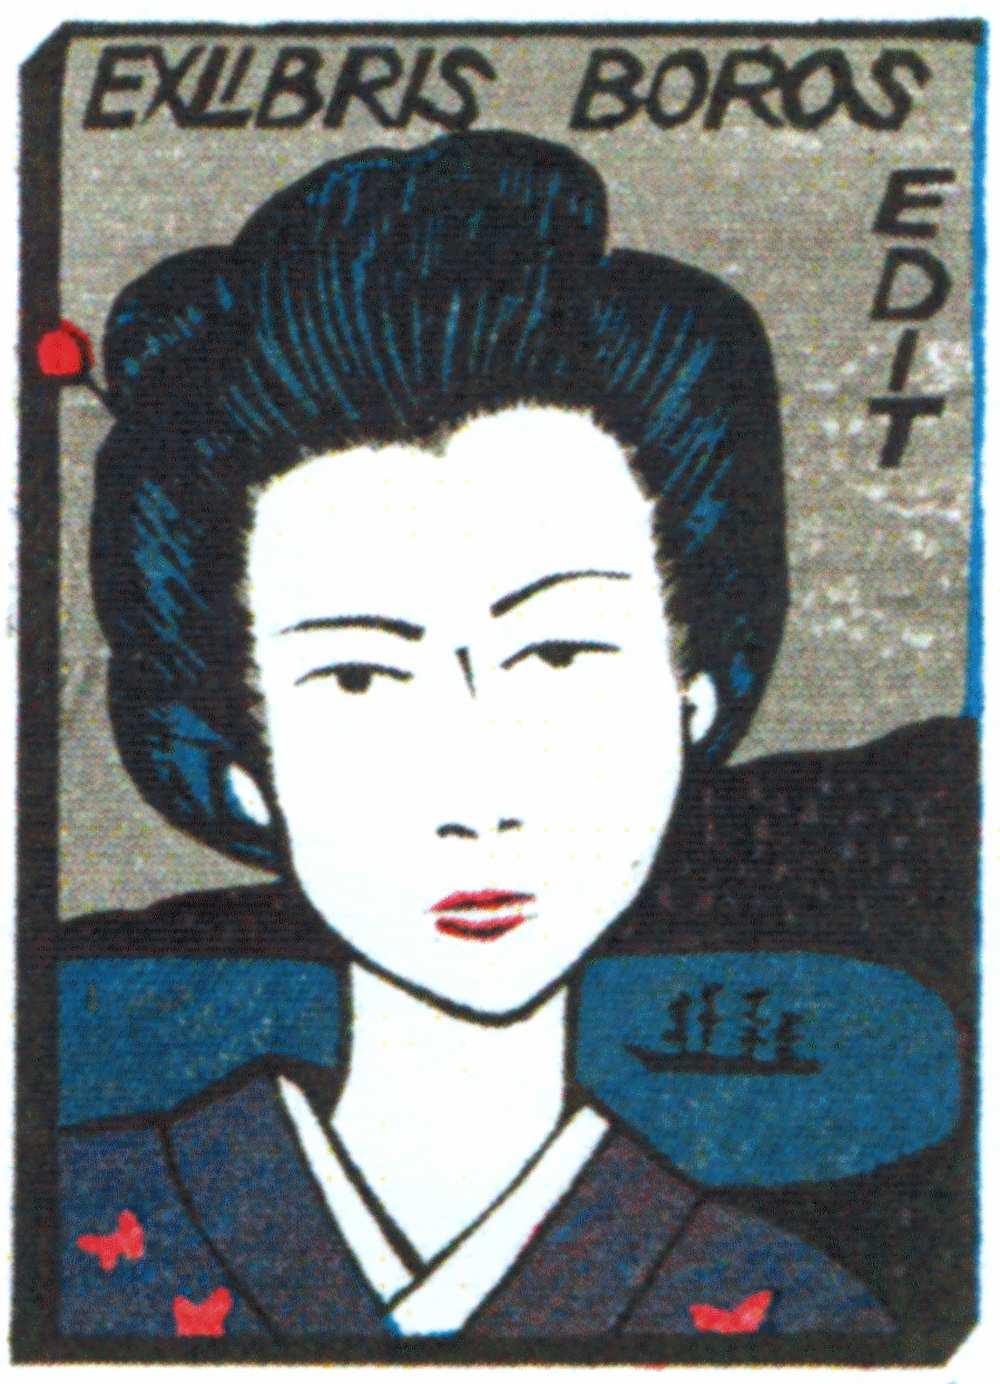 9_kep-motoi_yanagida_jap_boros_edit_fam-ajand_ez_a_sz_opti.jpg